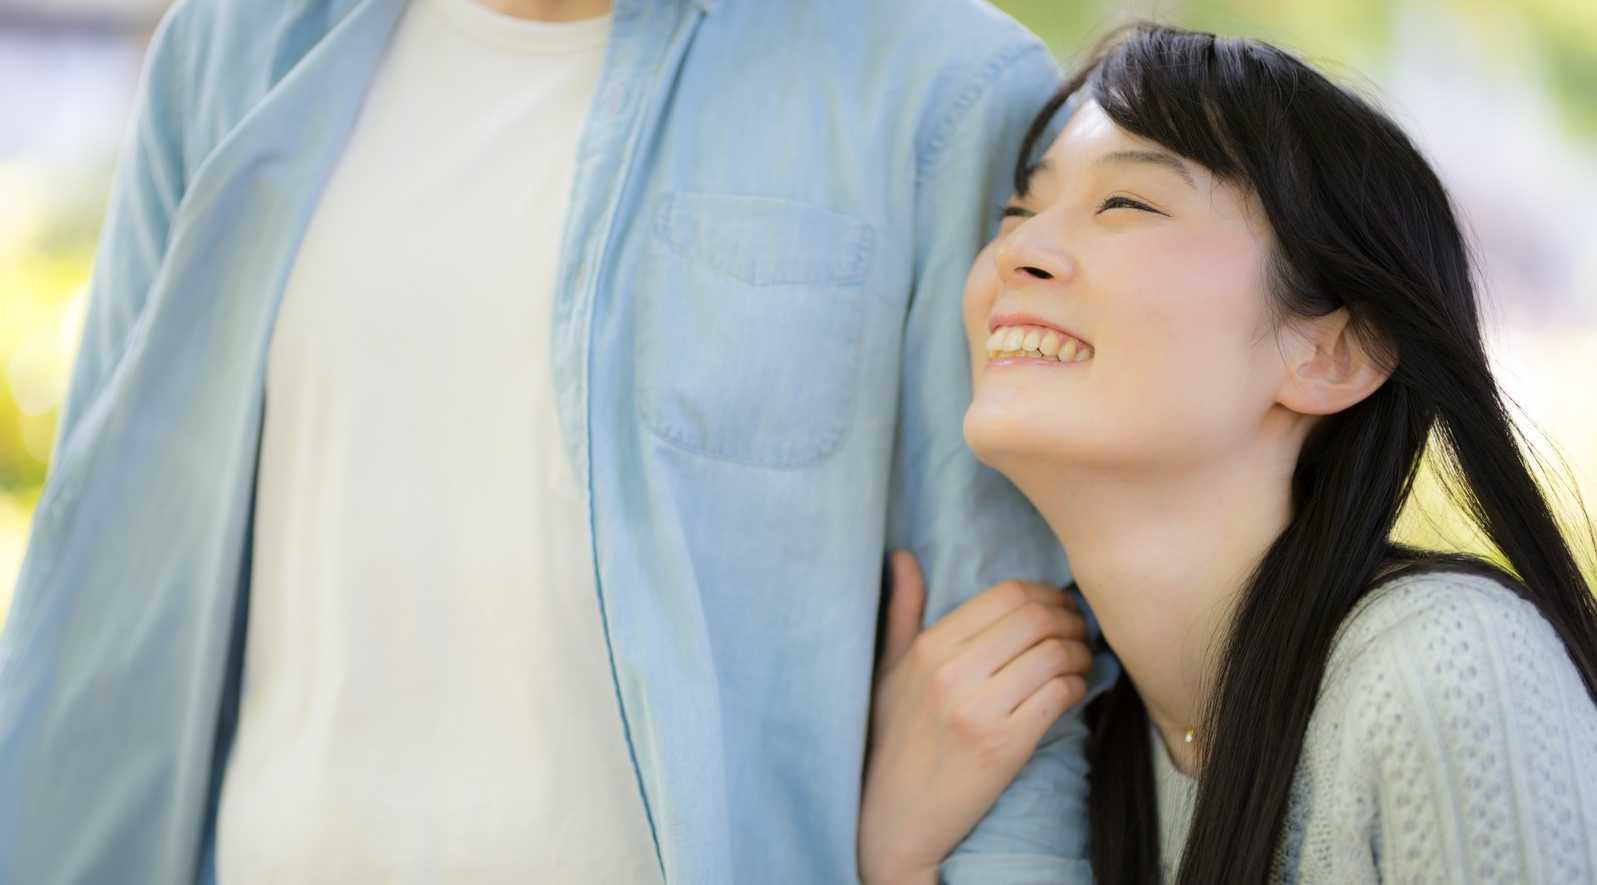 『今 とても幸せ』メールいただきました(^^)/